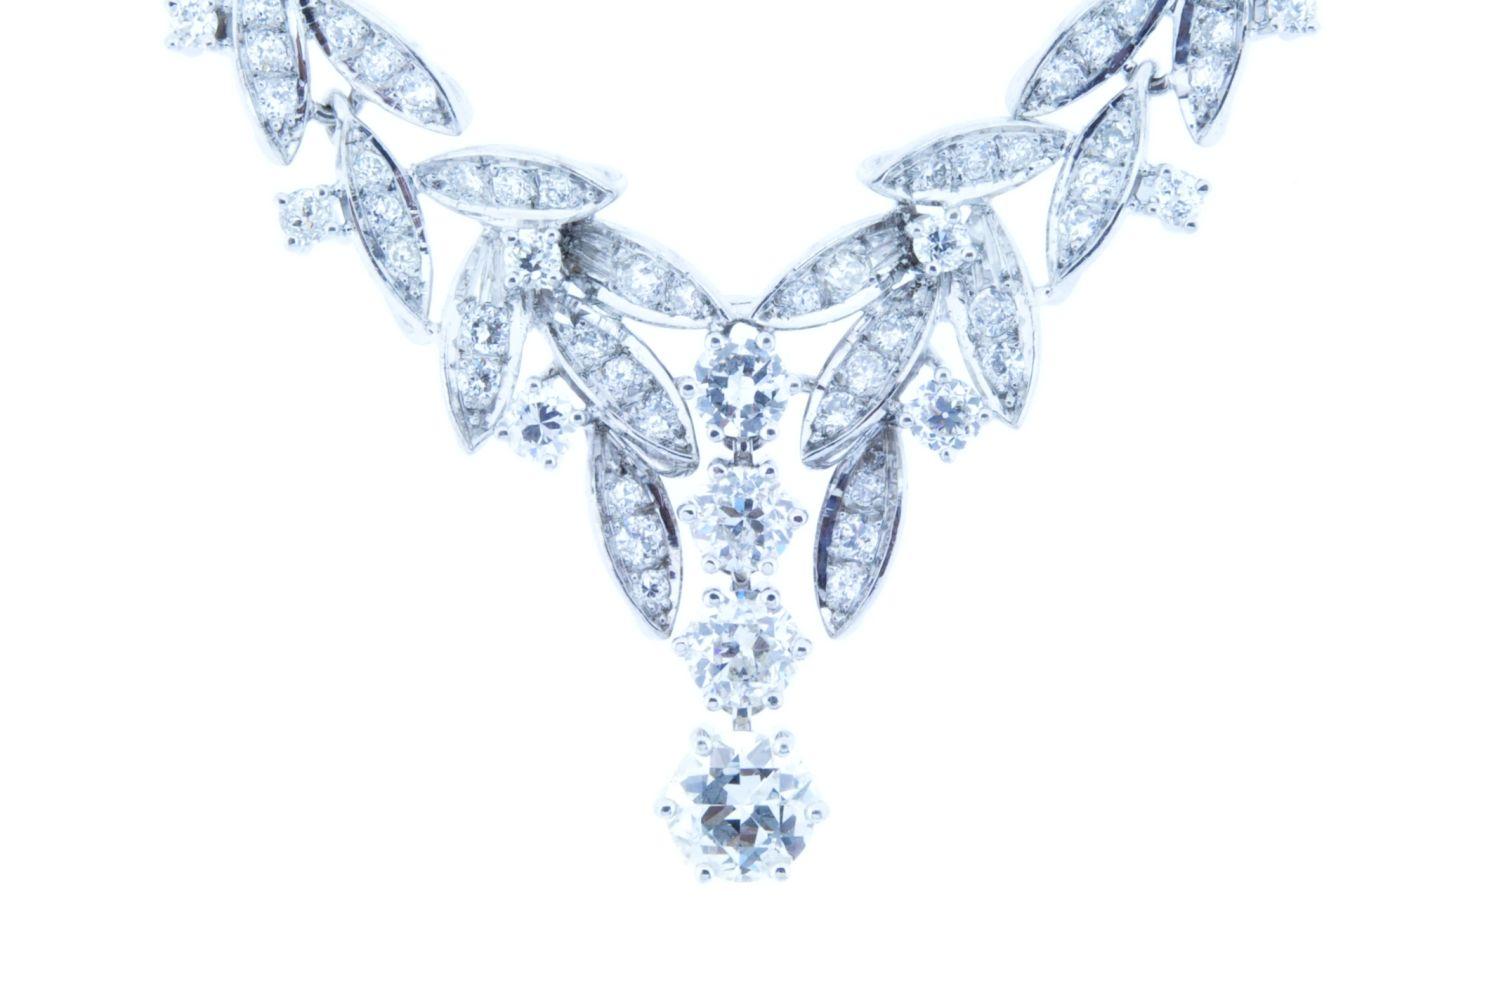 #63 Diamond Necklace | Diamantcollier Image